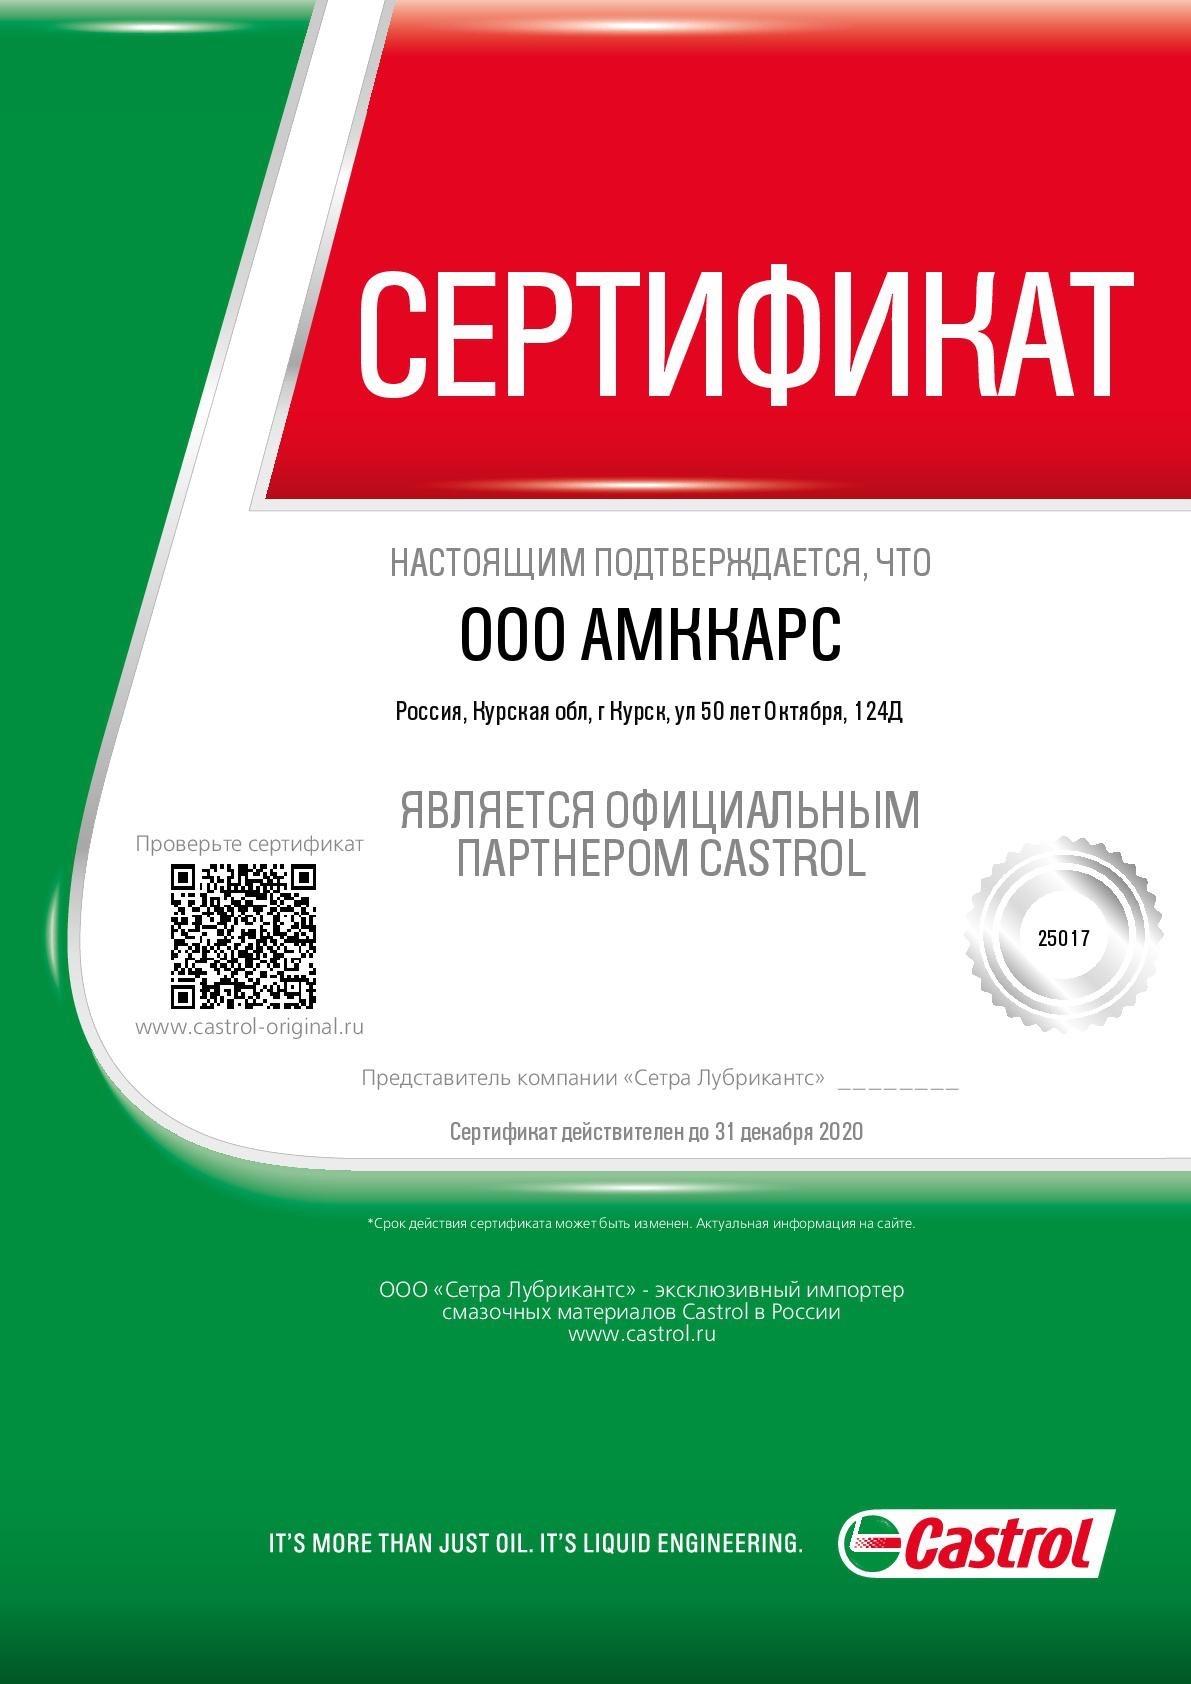 Автотехцентр АМККАРС стал сертифицированным партнером ООО «Сетра Лубрикантс»